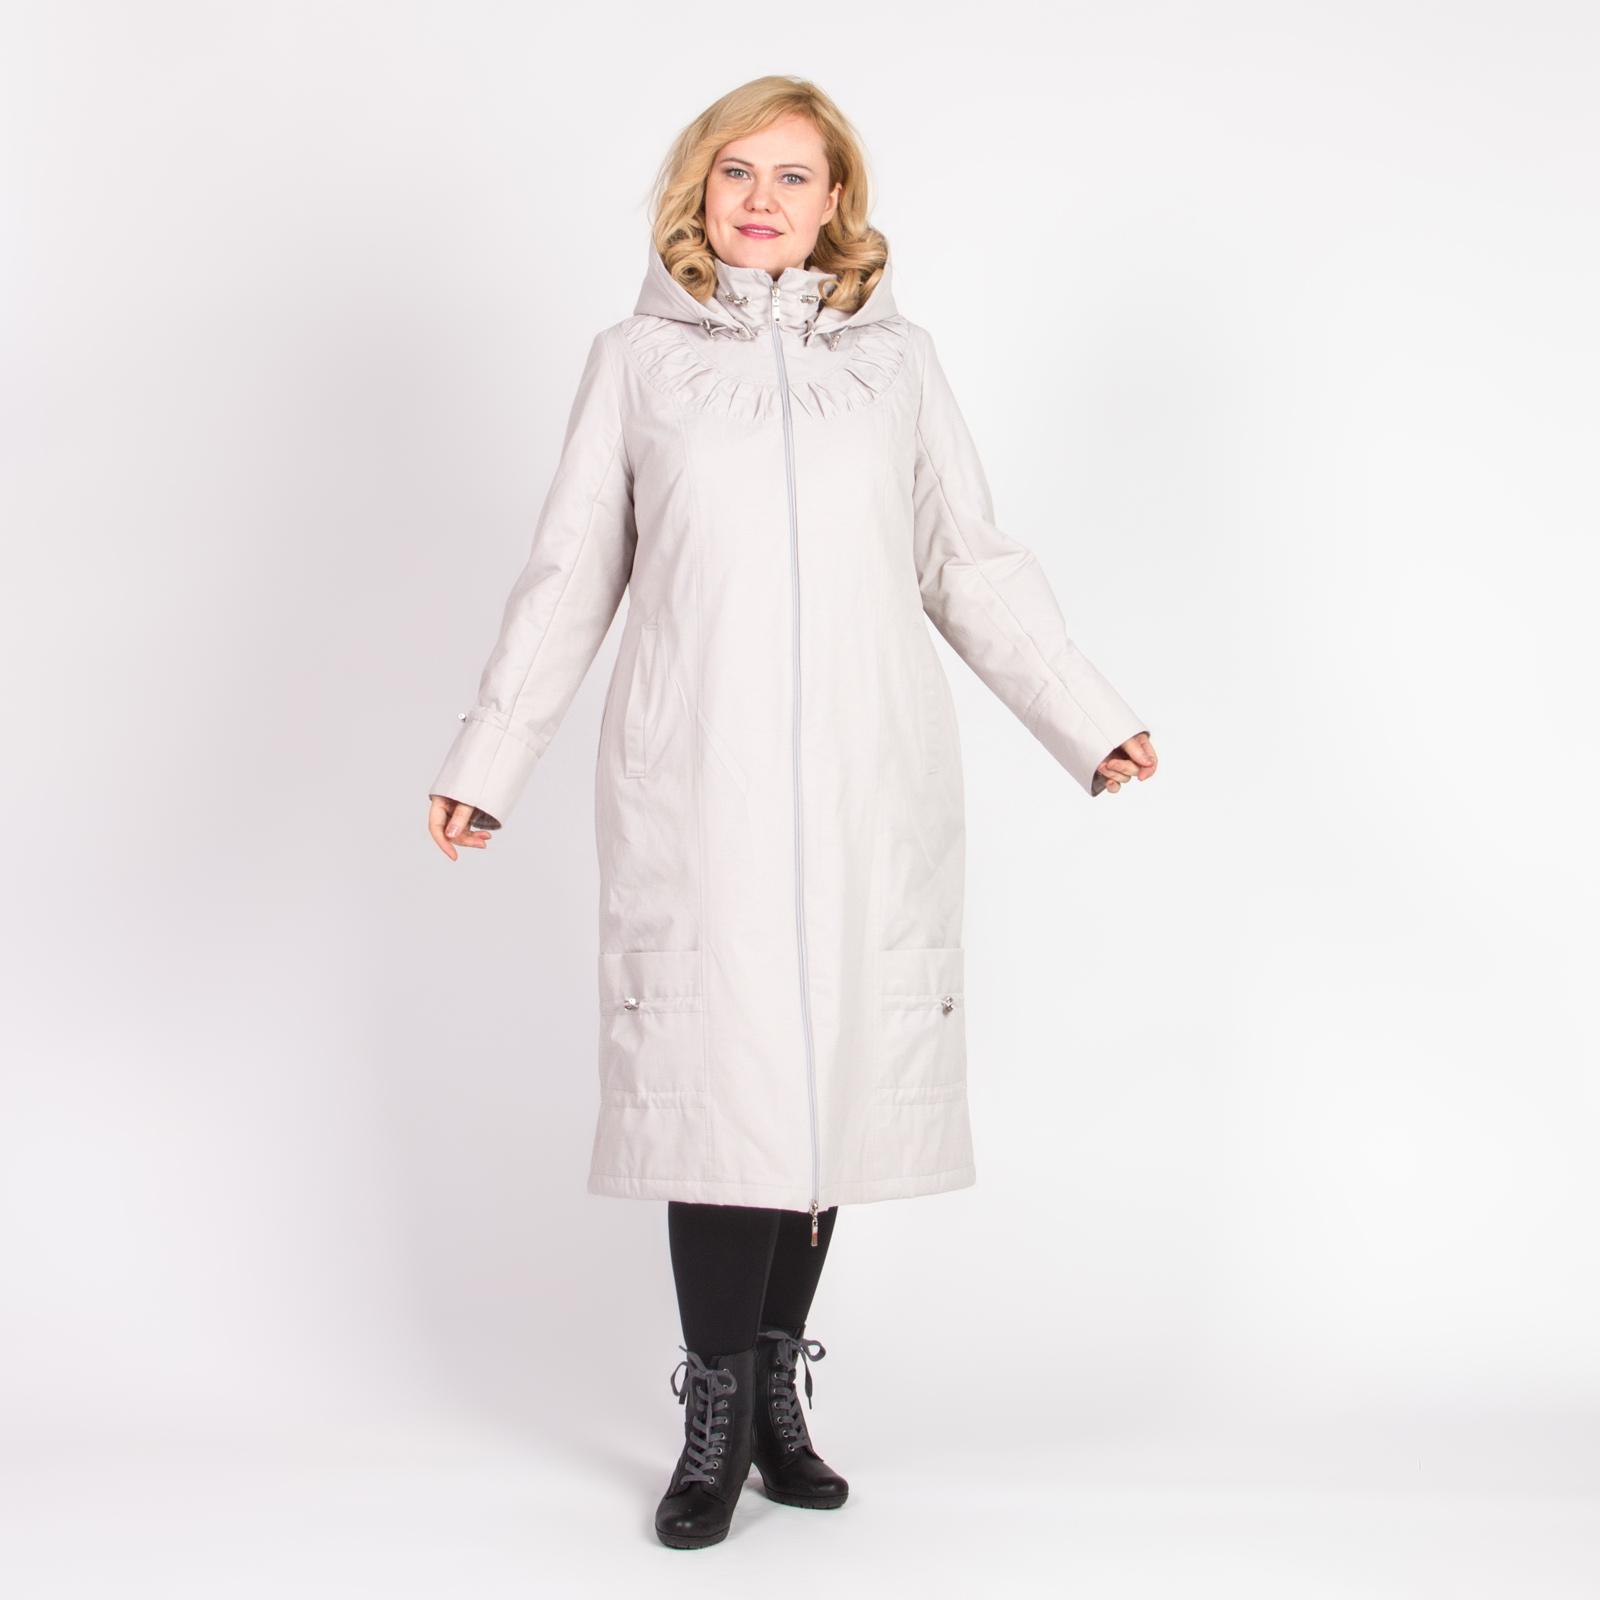 Пальто с капюшоном, карманами и оригинальными кулисками